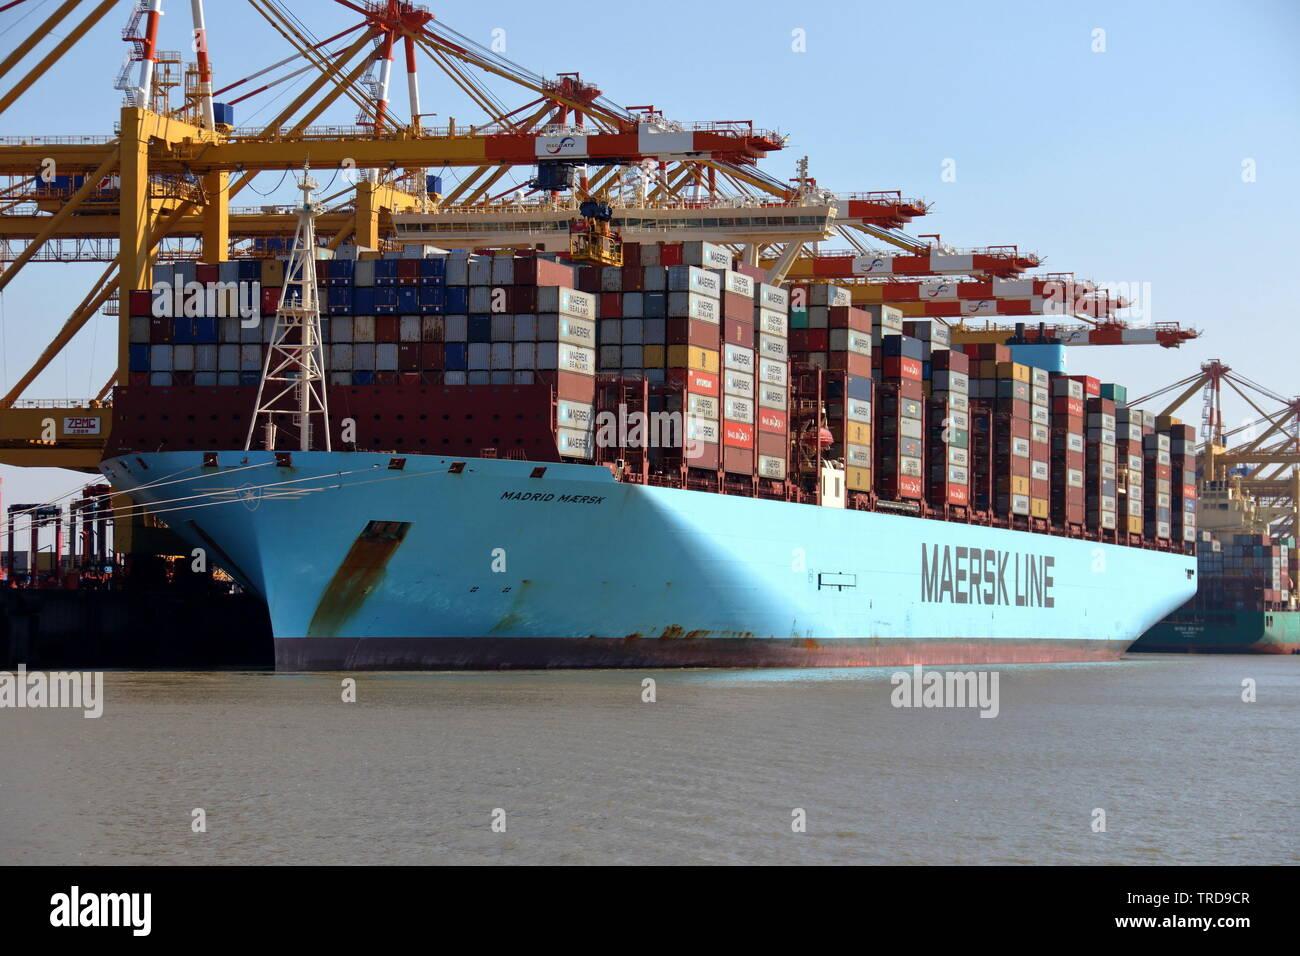 Shipping Terminal Stock Photos & Shipping Terminal Stock